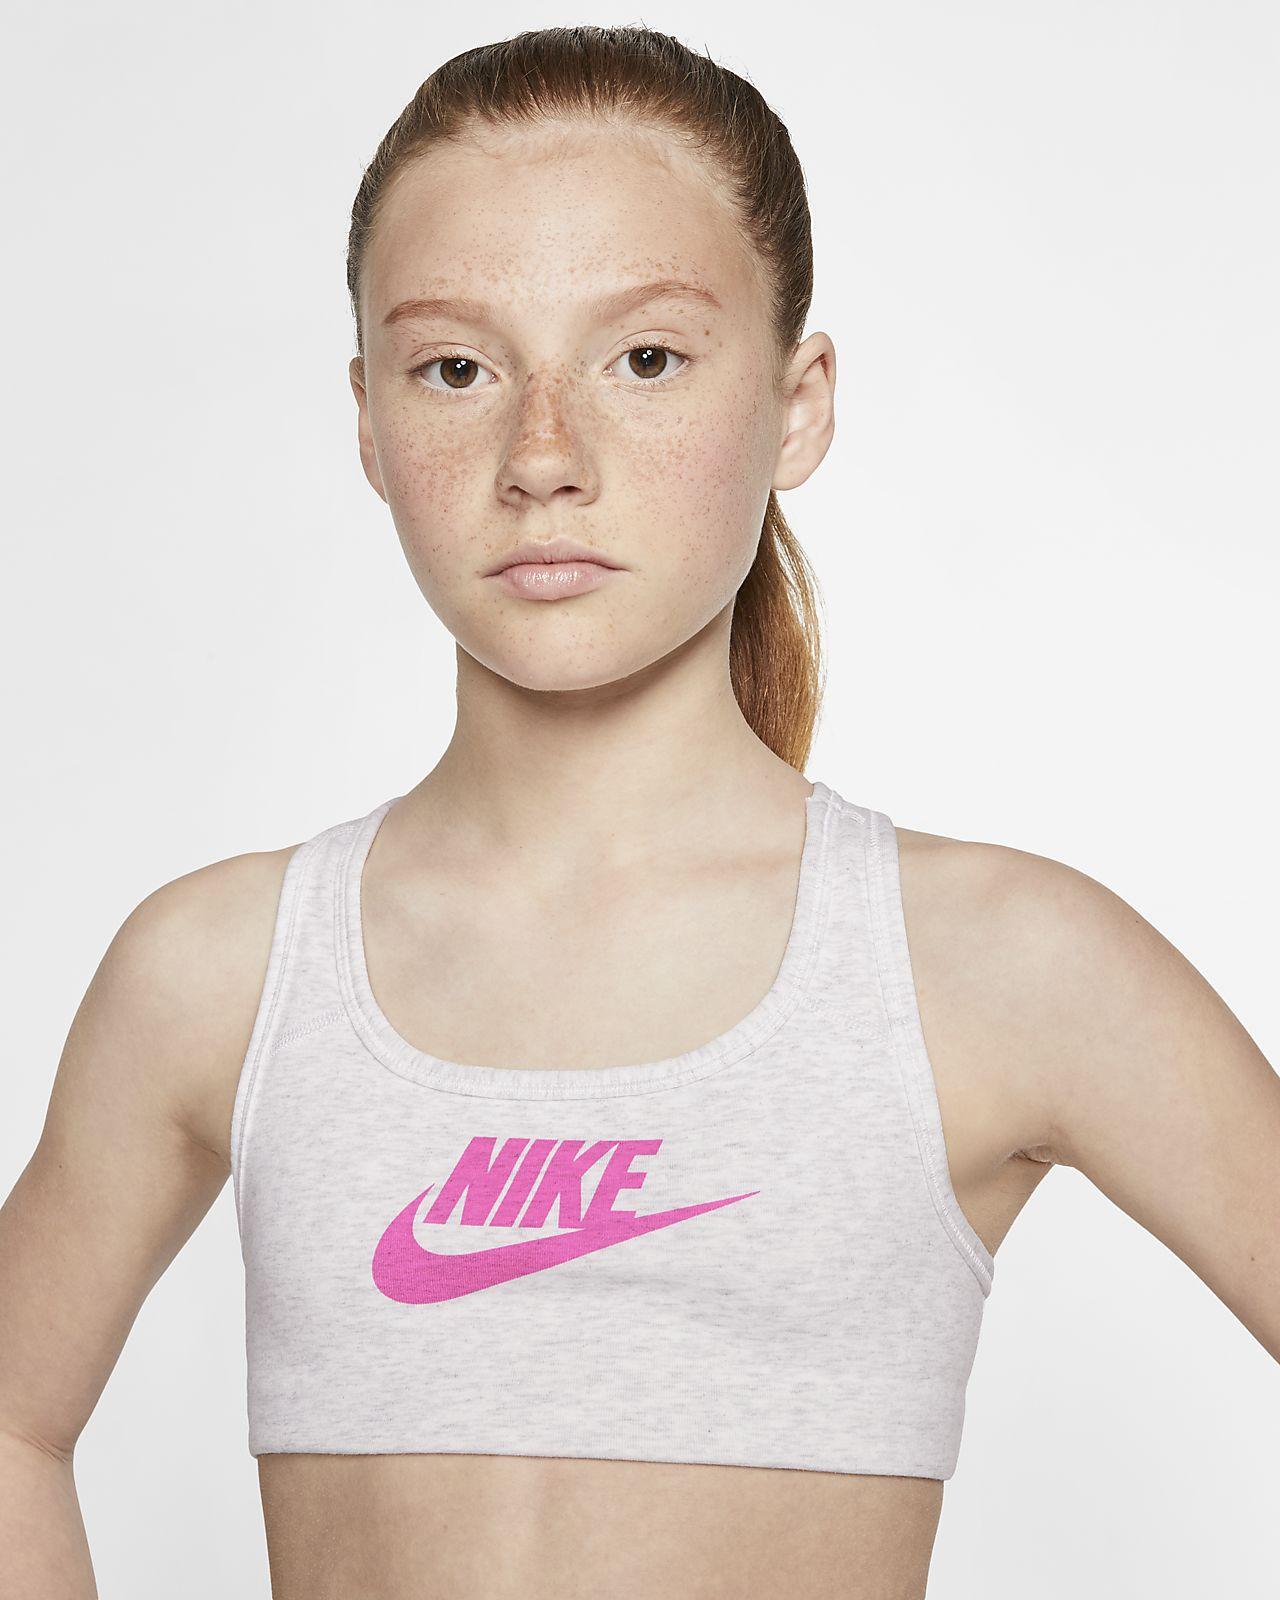 Nike Sportswear Günlük Kız Çocuk Sütyeni